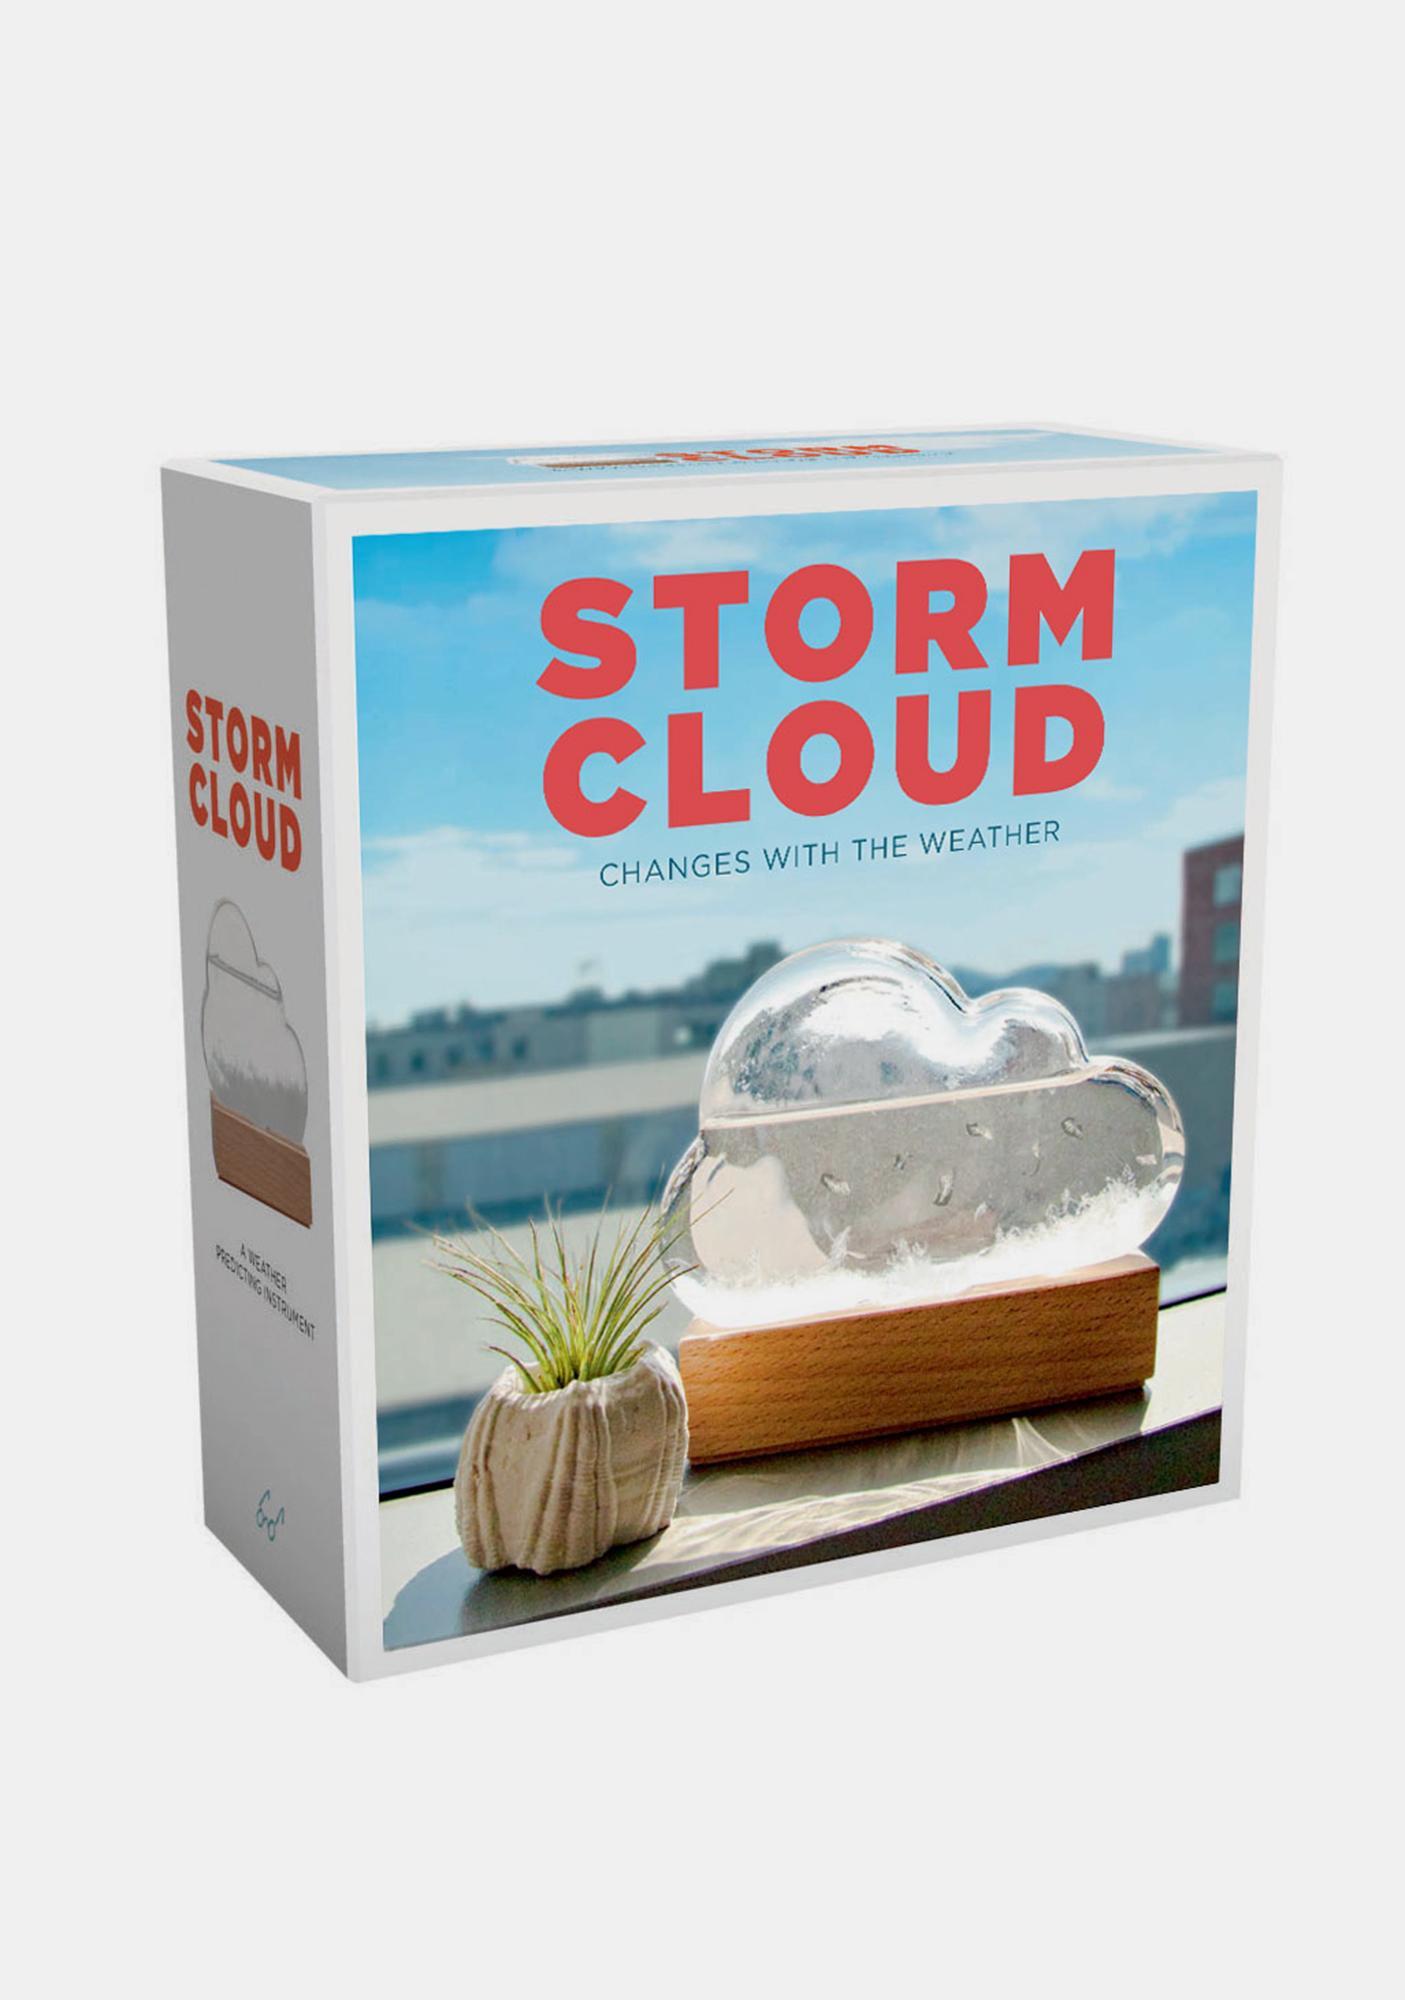 Storm Cloud Weather Predictor